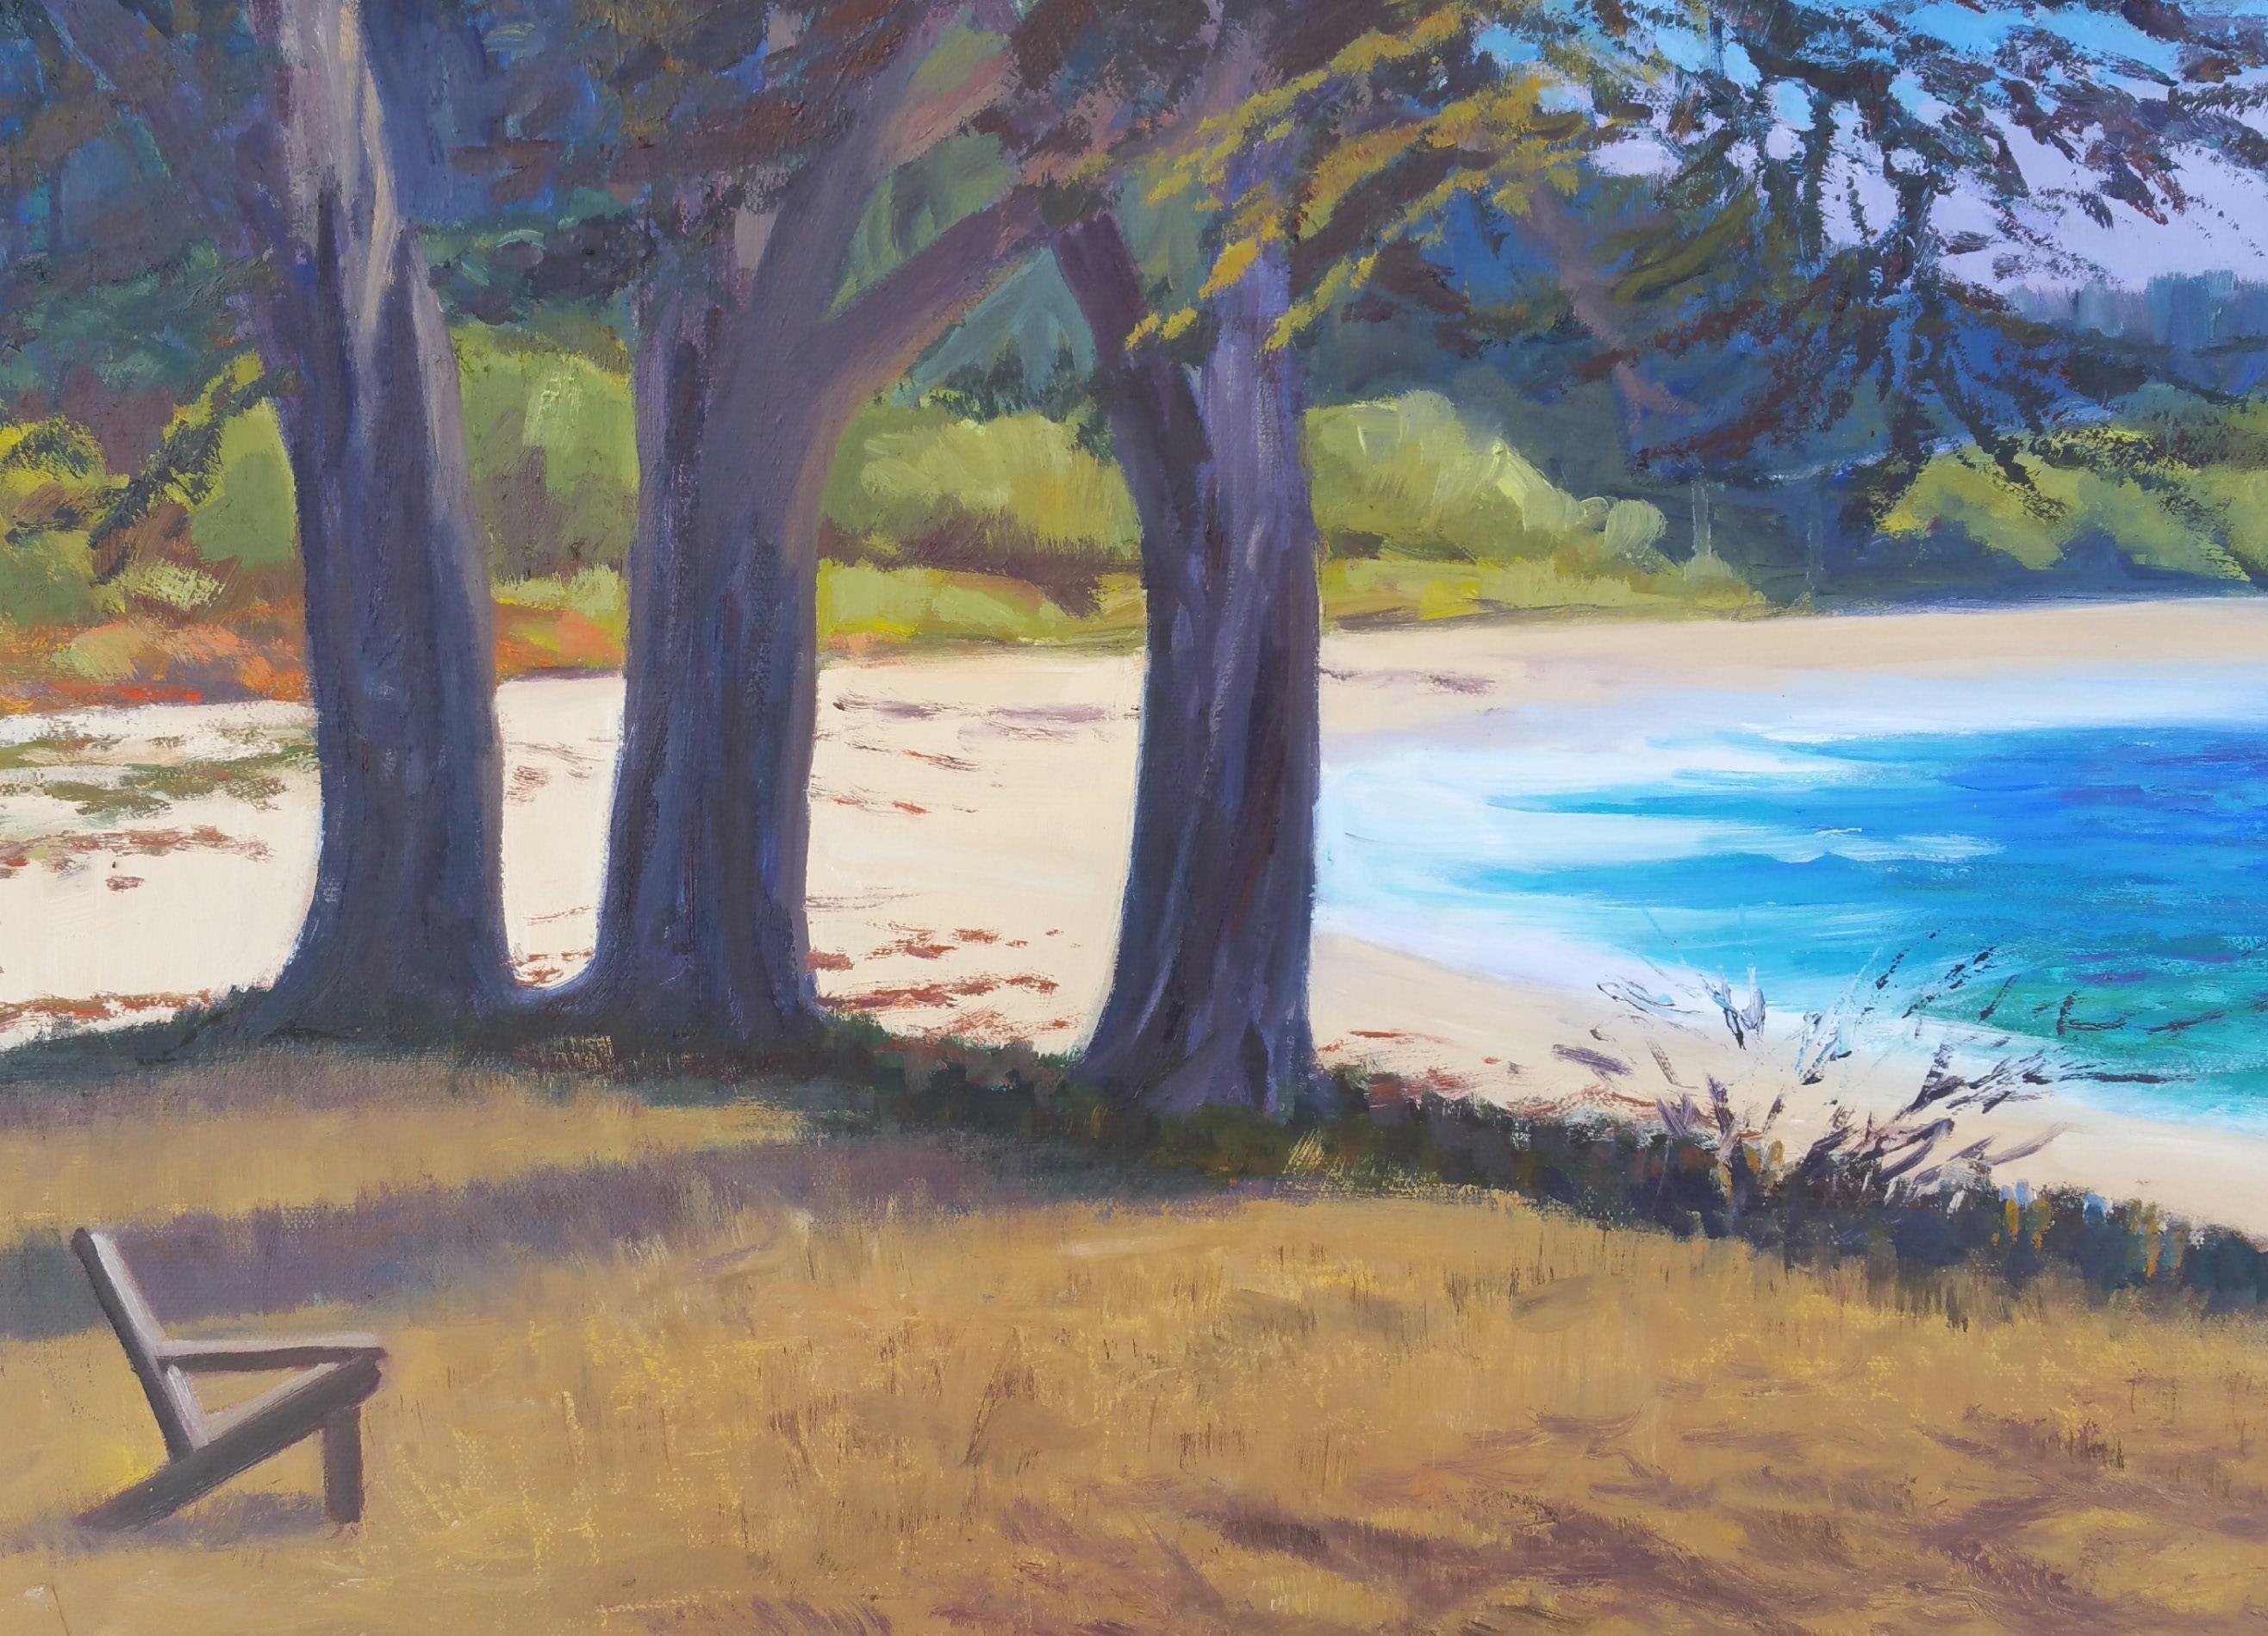 Monastery Beach, Carmel Highlands